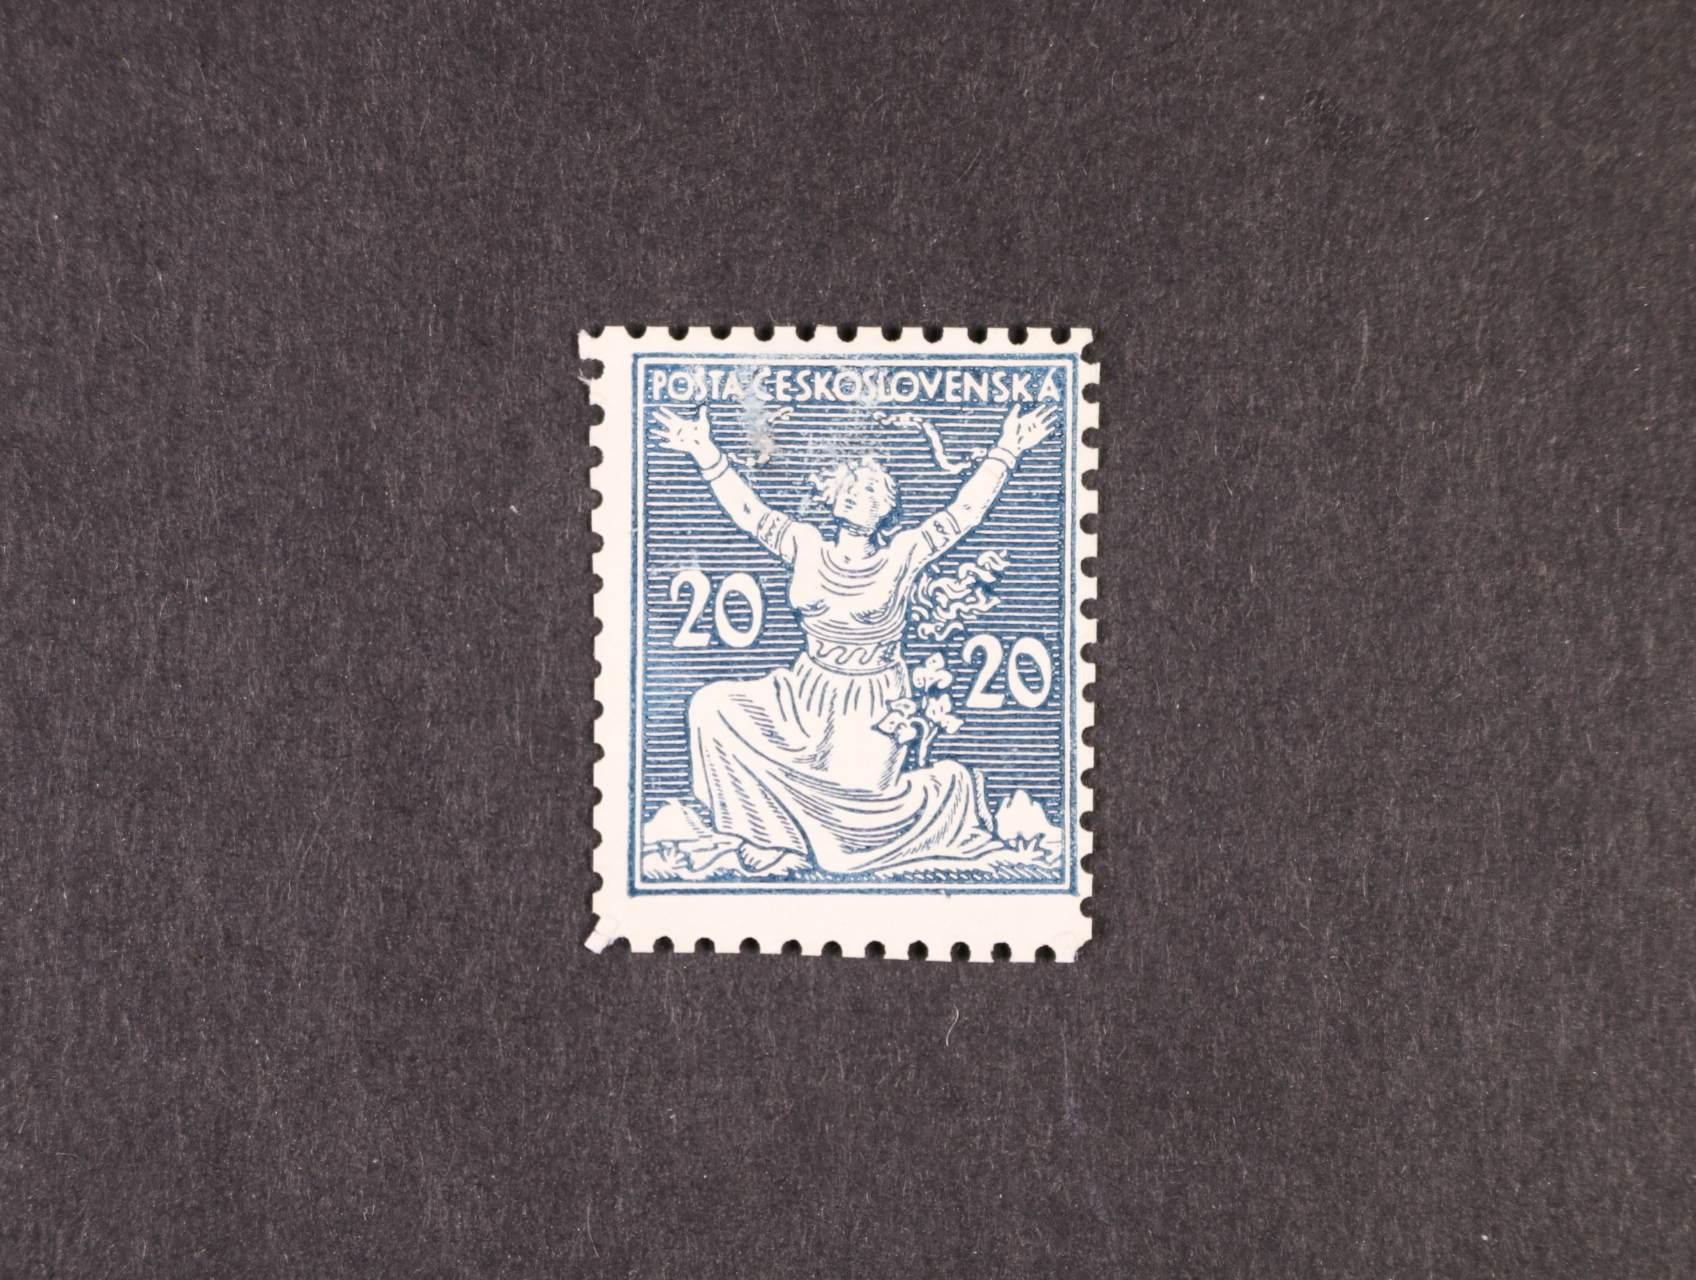 ZT 20h v barvě zelenomodré na kříd. papíře, 3. návrh, s nominální hodnotou na obou stranách, linkované pozadí, ŘZ 11 1/2, zk. Karásek